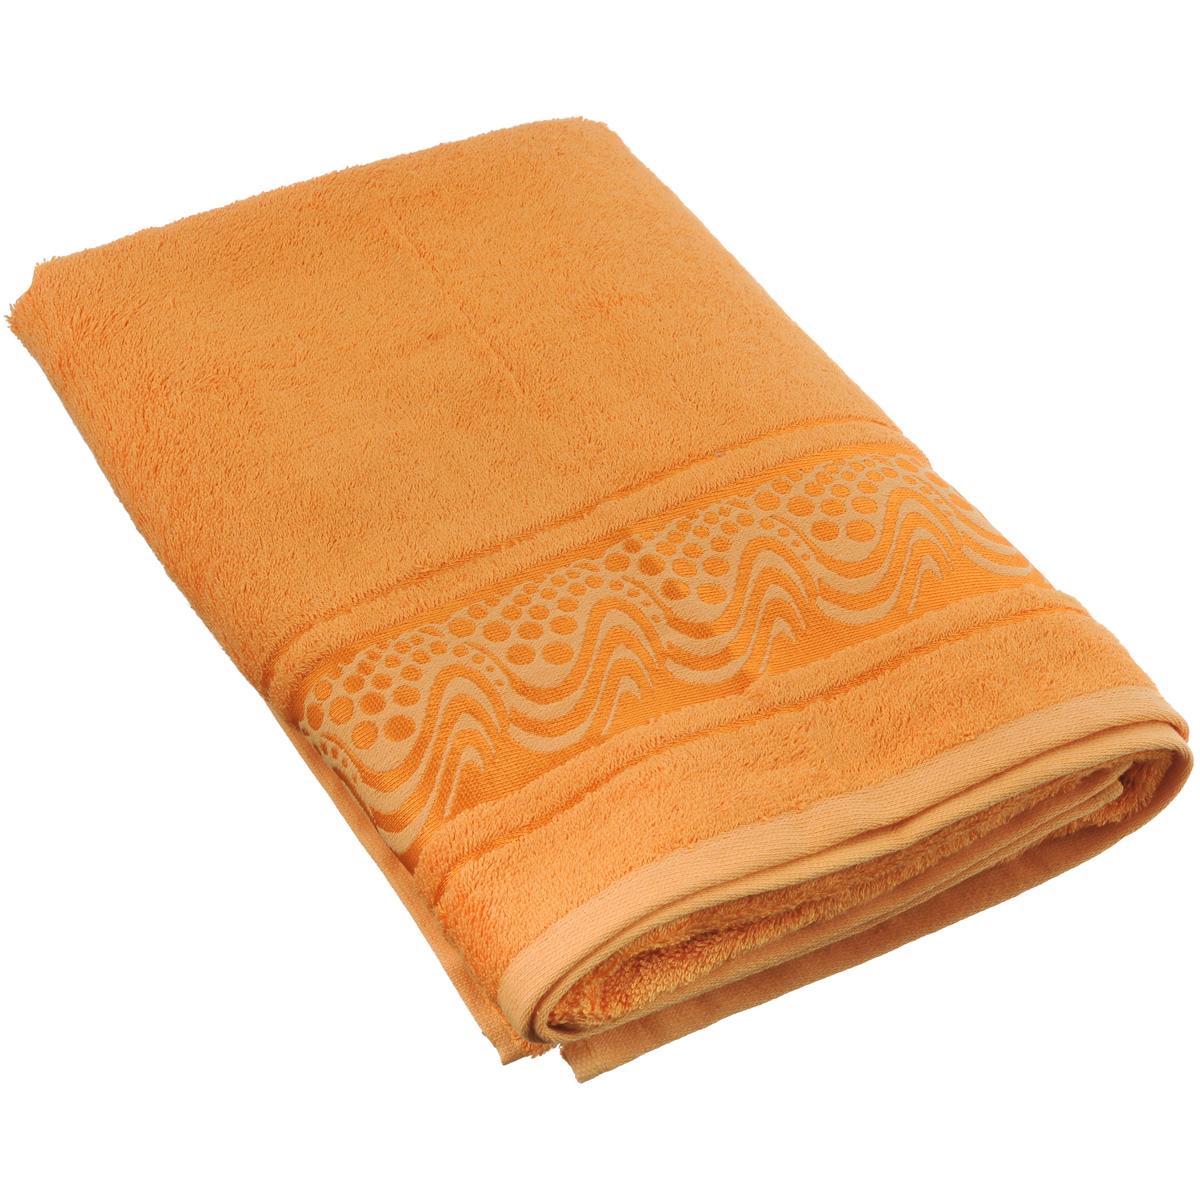 Полотенце Mariposa Aqua, цвет: оранжевый, 70 см х 140 см62442Полотенце Mariposa Aqua, изготовленное из 60% бамбука и 40% хлопка, подарит массу положительных эмоций и приятных ощущений. Полотенца из бамбука только издали похожи на обычные. На самом деле, при первом же прикосновении вы ощутите невероятную мягкость и шелковистость. Таким полотенцем не нужно вытираться - только коснитесь кожи - и ткань сама все впитает! Несмотря на богатую плотность и высокую петлю полотенца, оно быстро сохнет, остается легким даже при намокании. Полотенце оформлено волнистым рисунком. Благородный тон создает уют и подчеркивает лучшие качества махровой ткани. Полотенце Mariposa Aqua станет достойным выбором для вас и приятным подарком для ваших близких. Размер полотенца: 70 см х 140 см.